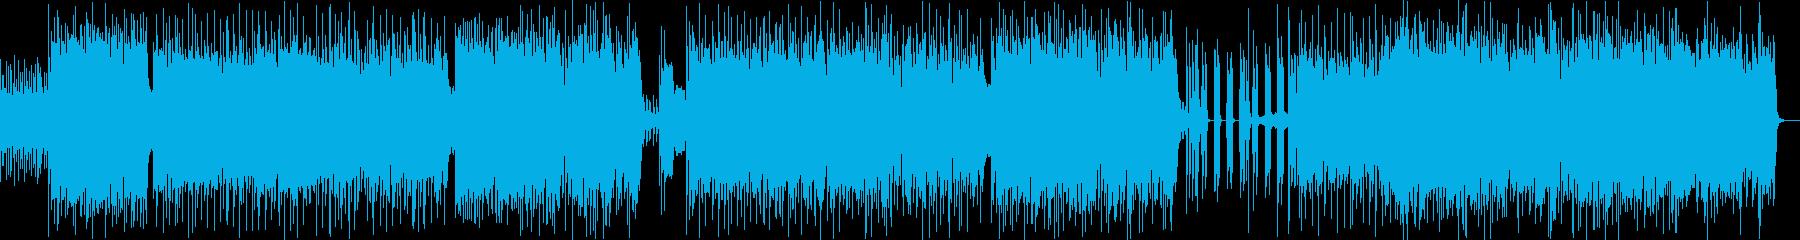 オリエンタルなダンサブルロック 生演奏の再生済みの波形